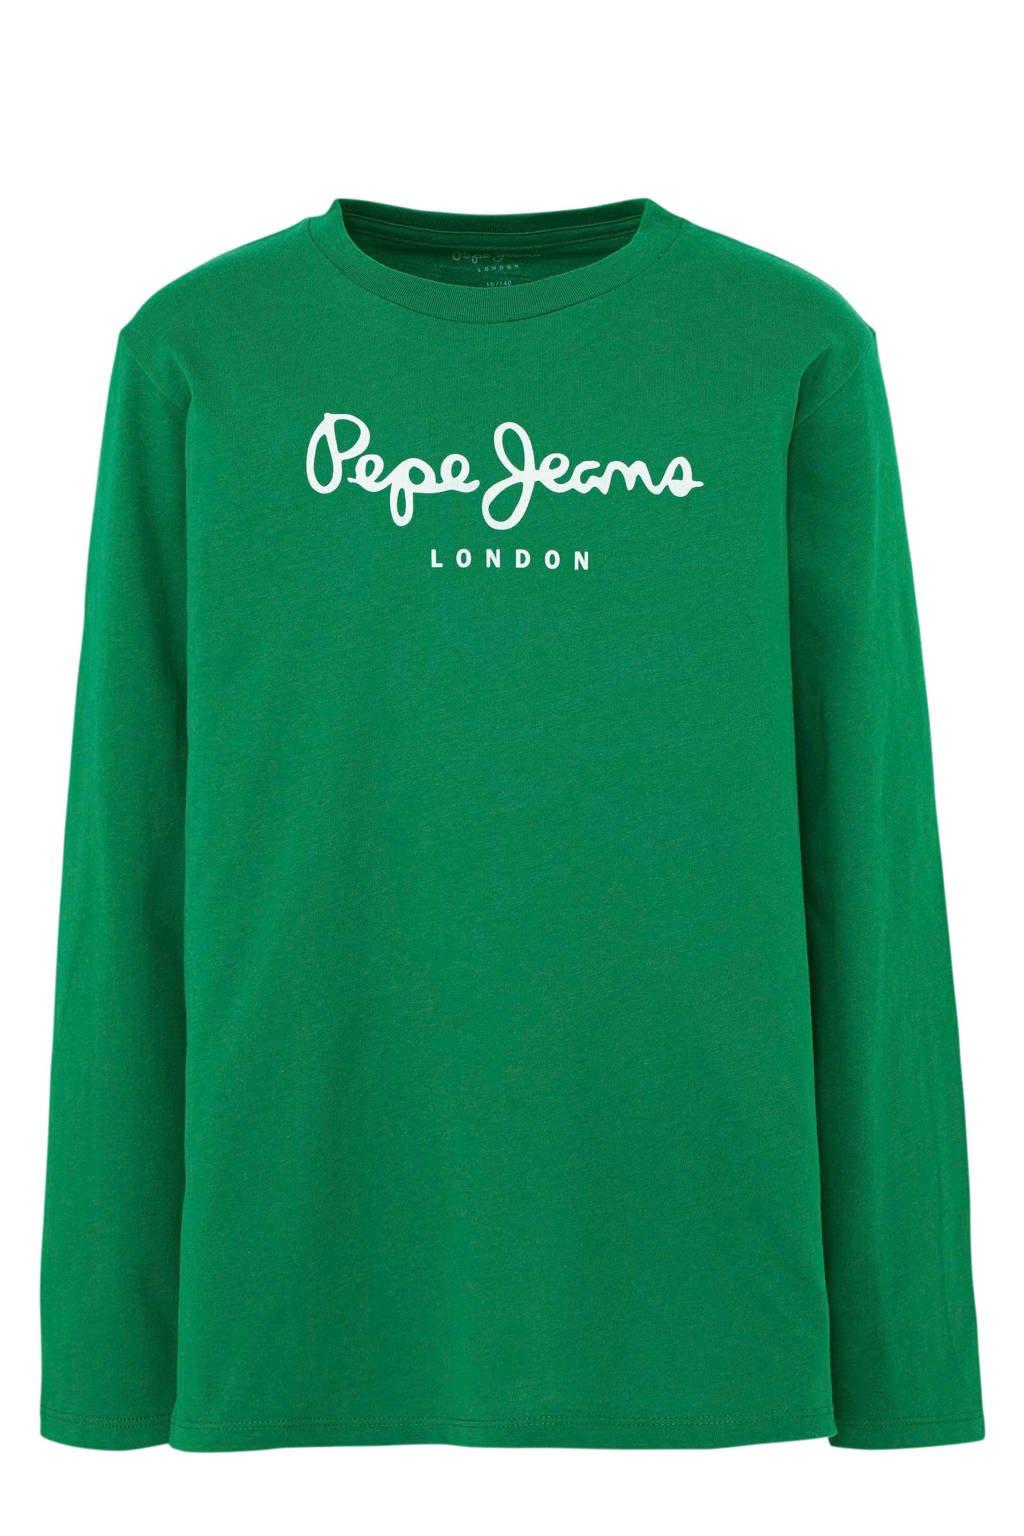 Pepe Jeans longsleeve New Herman met logo groen, Groen